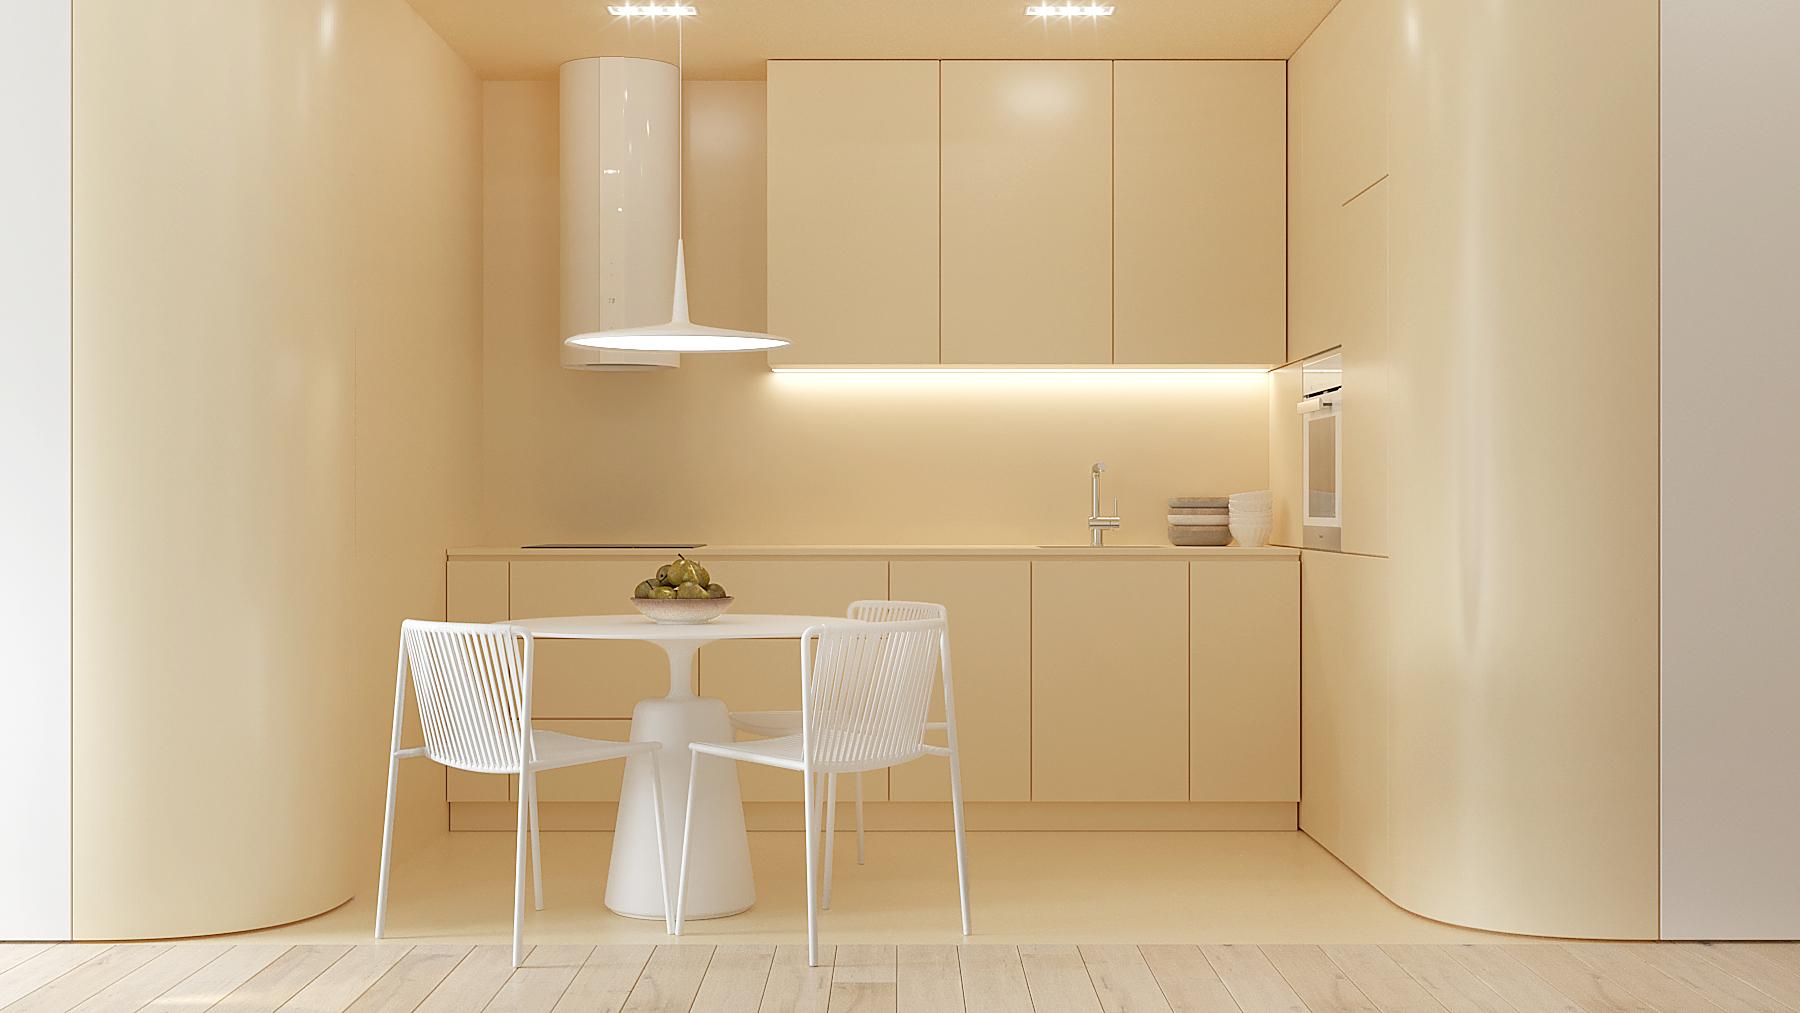 1 aranzowanie wnetrz M378 mieszkanie Katowice kuchnia zlota zabudowa zlote sciany okragly stol z bialymi krzeslami